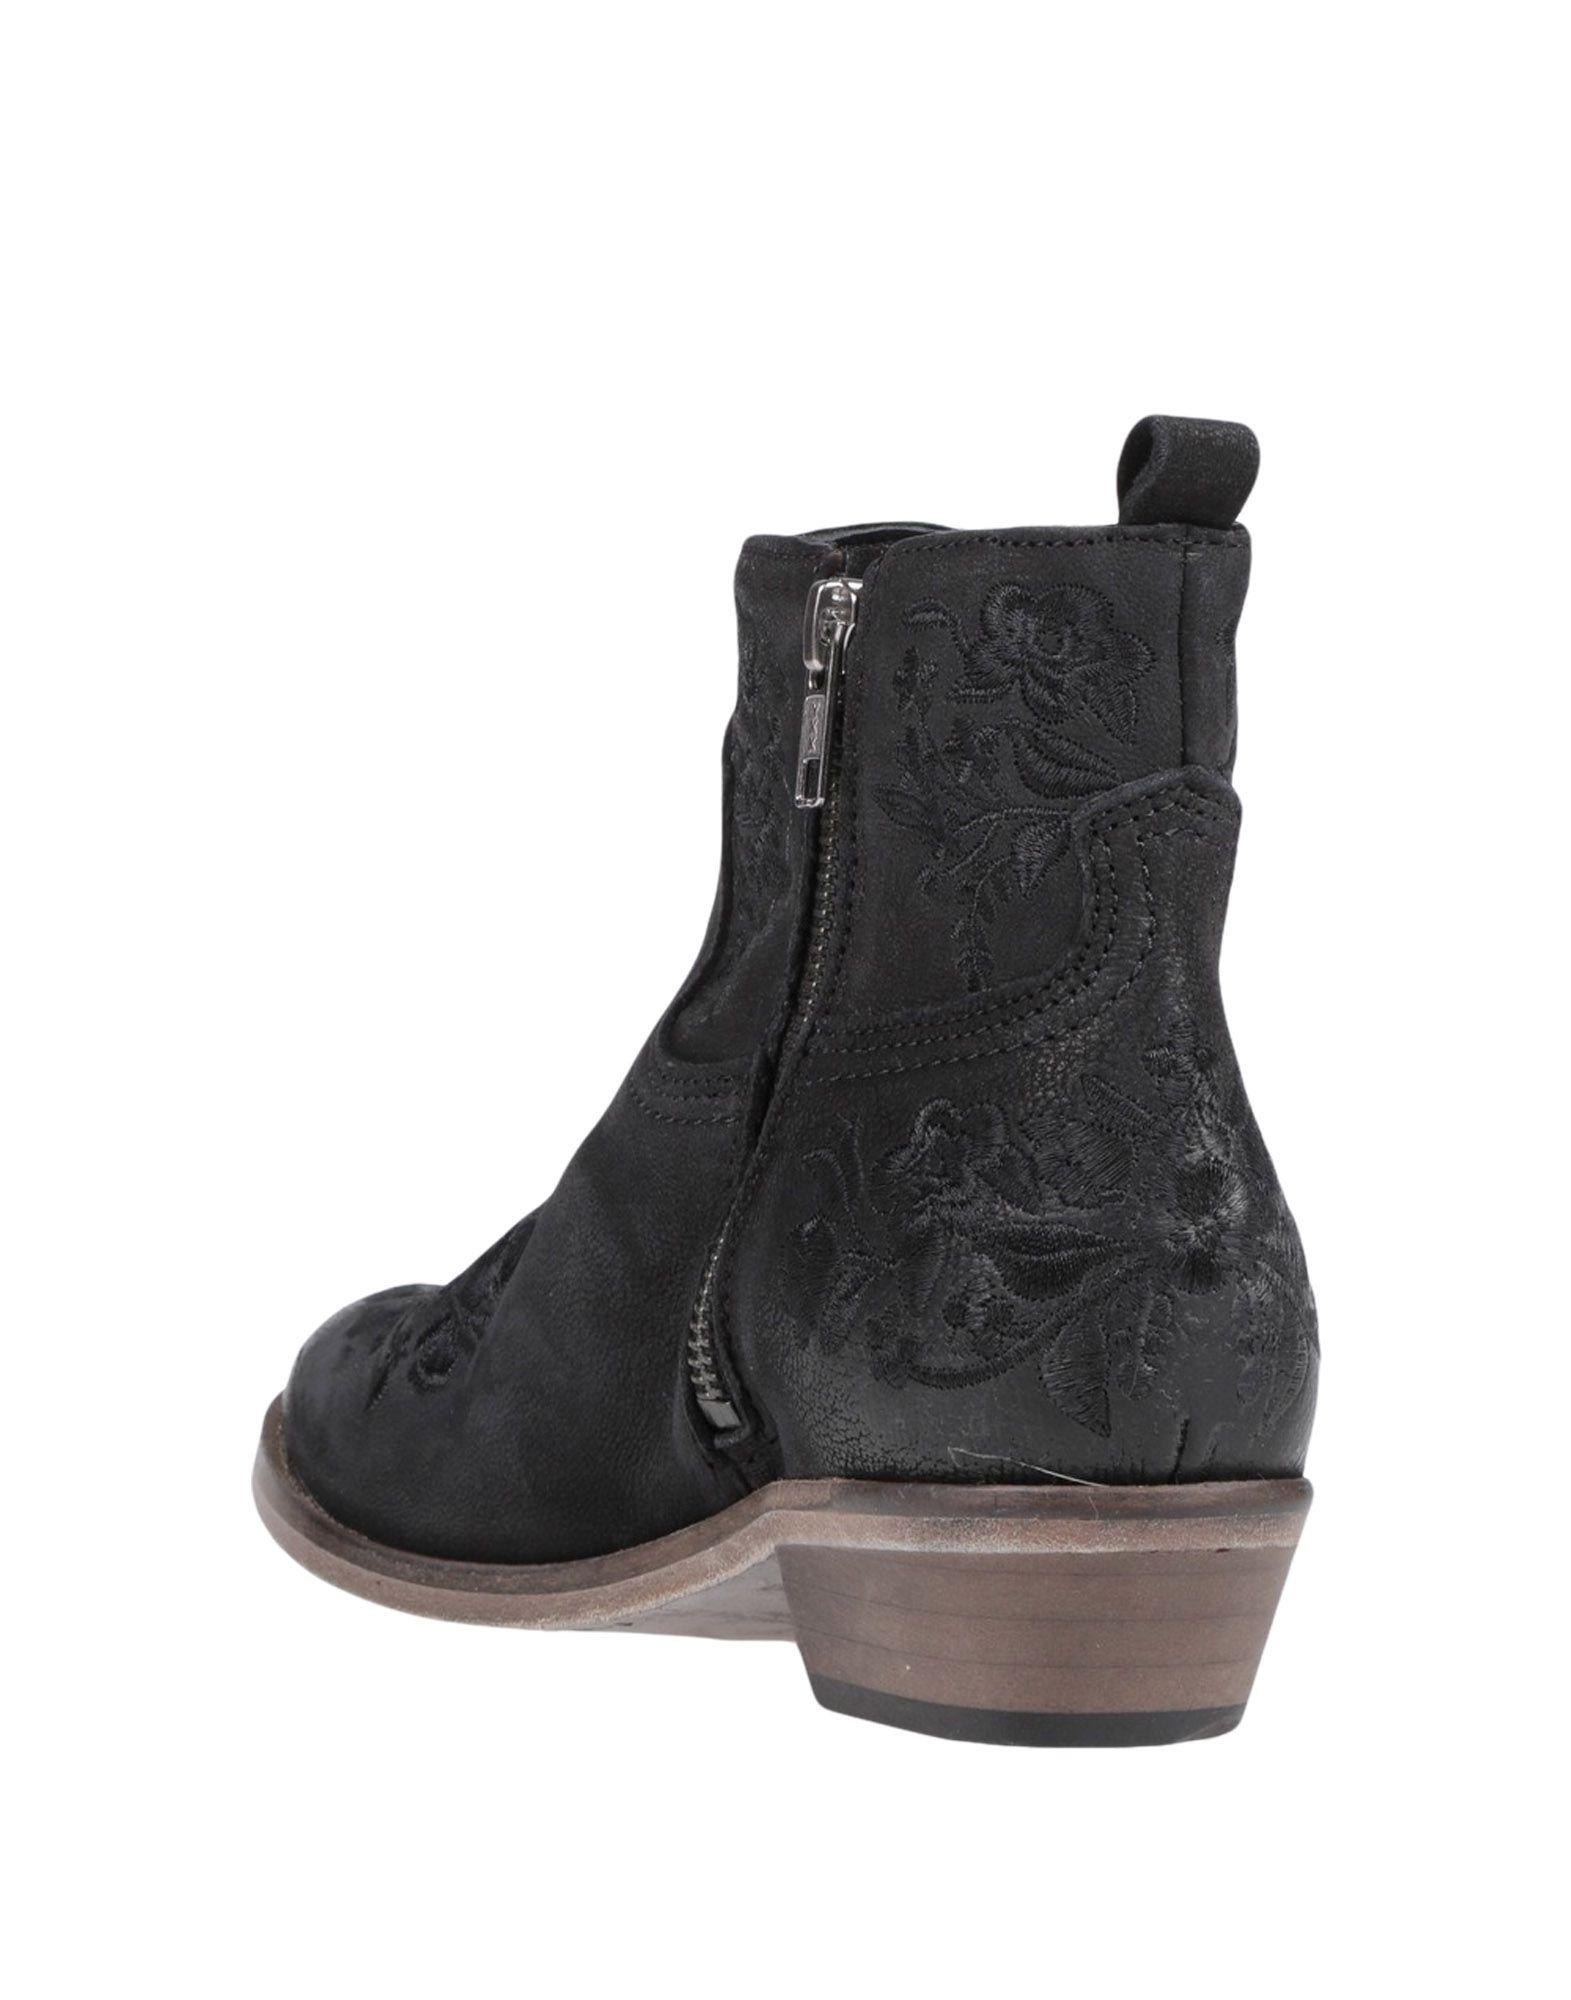 Gut Martins um billige Schuhe zu tragenCatarina Martins Gut Stiefelette Damen  11510608MX 40192d